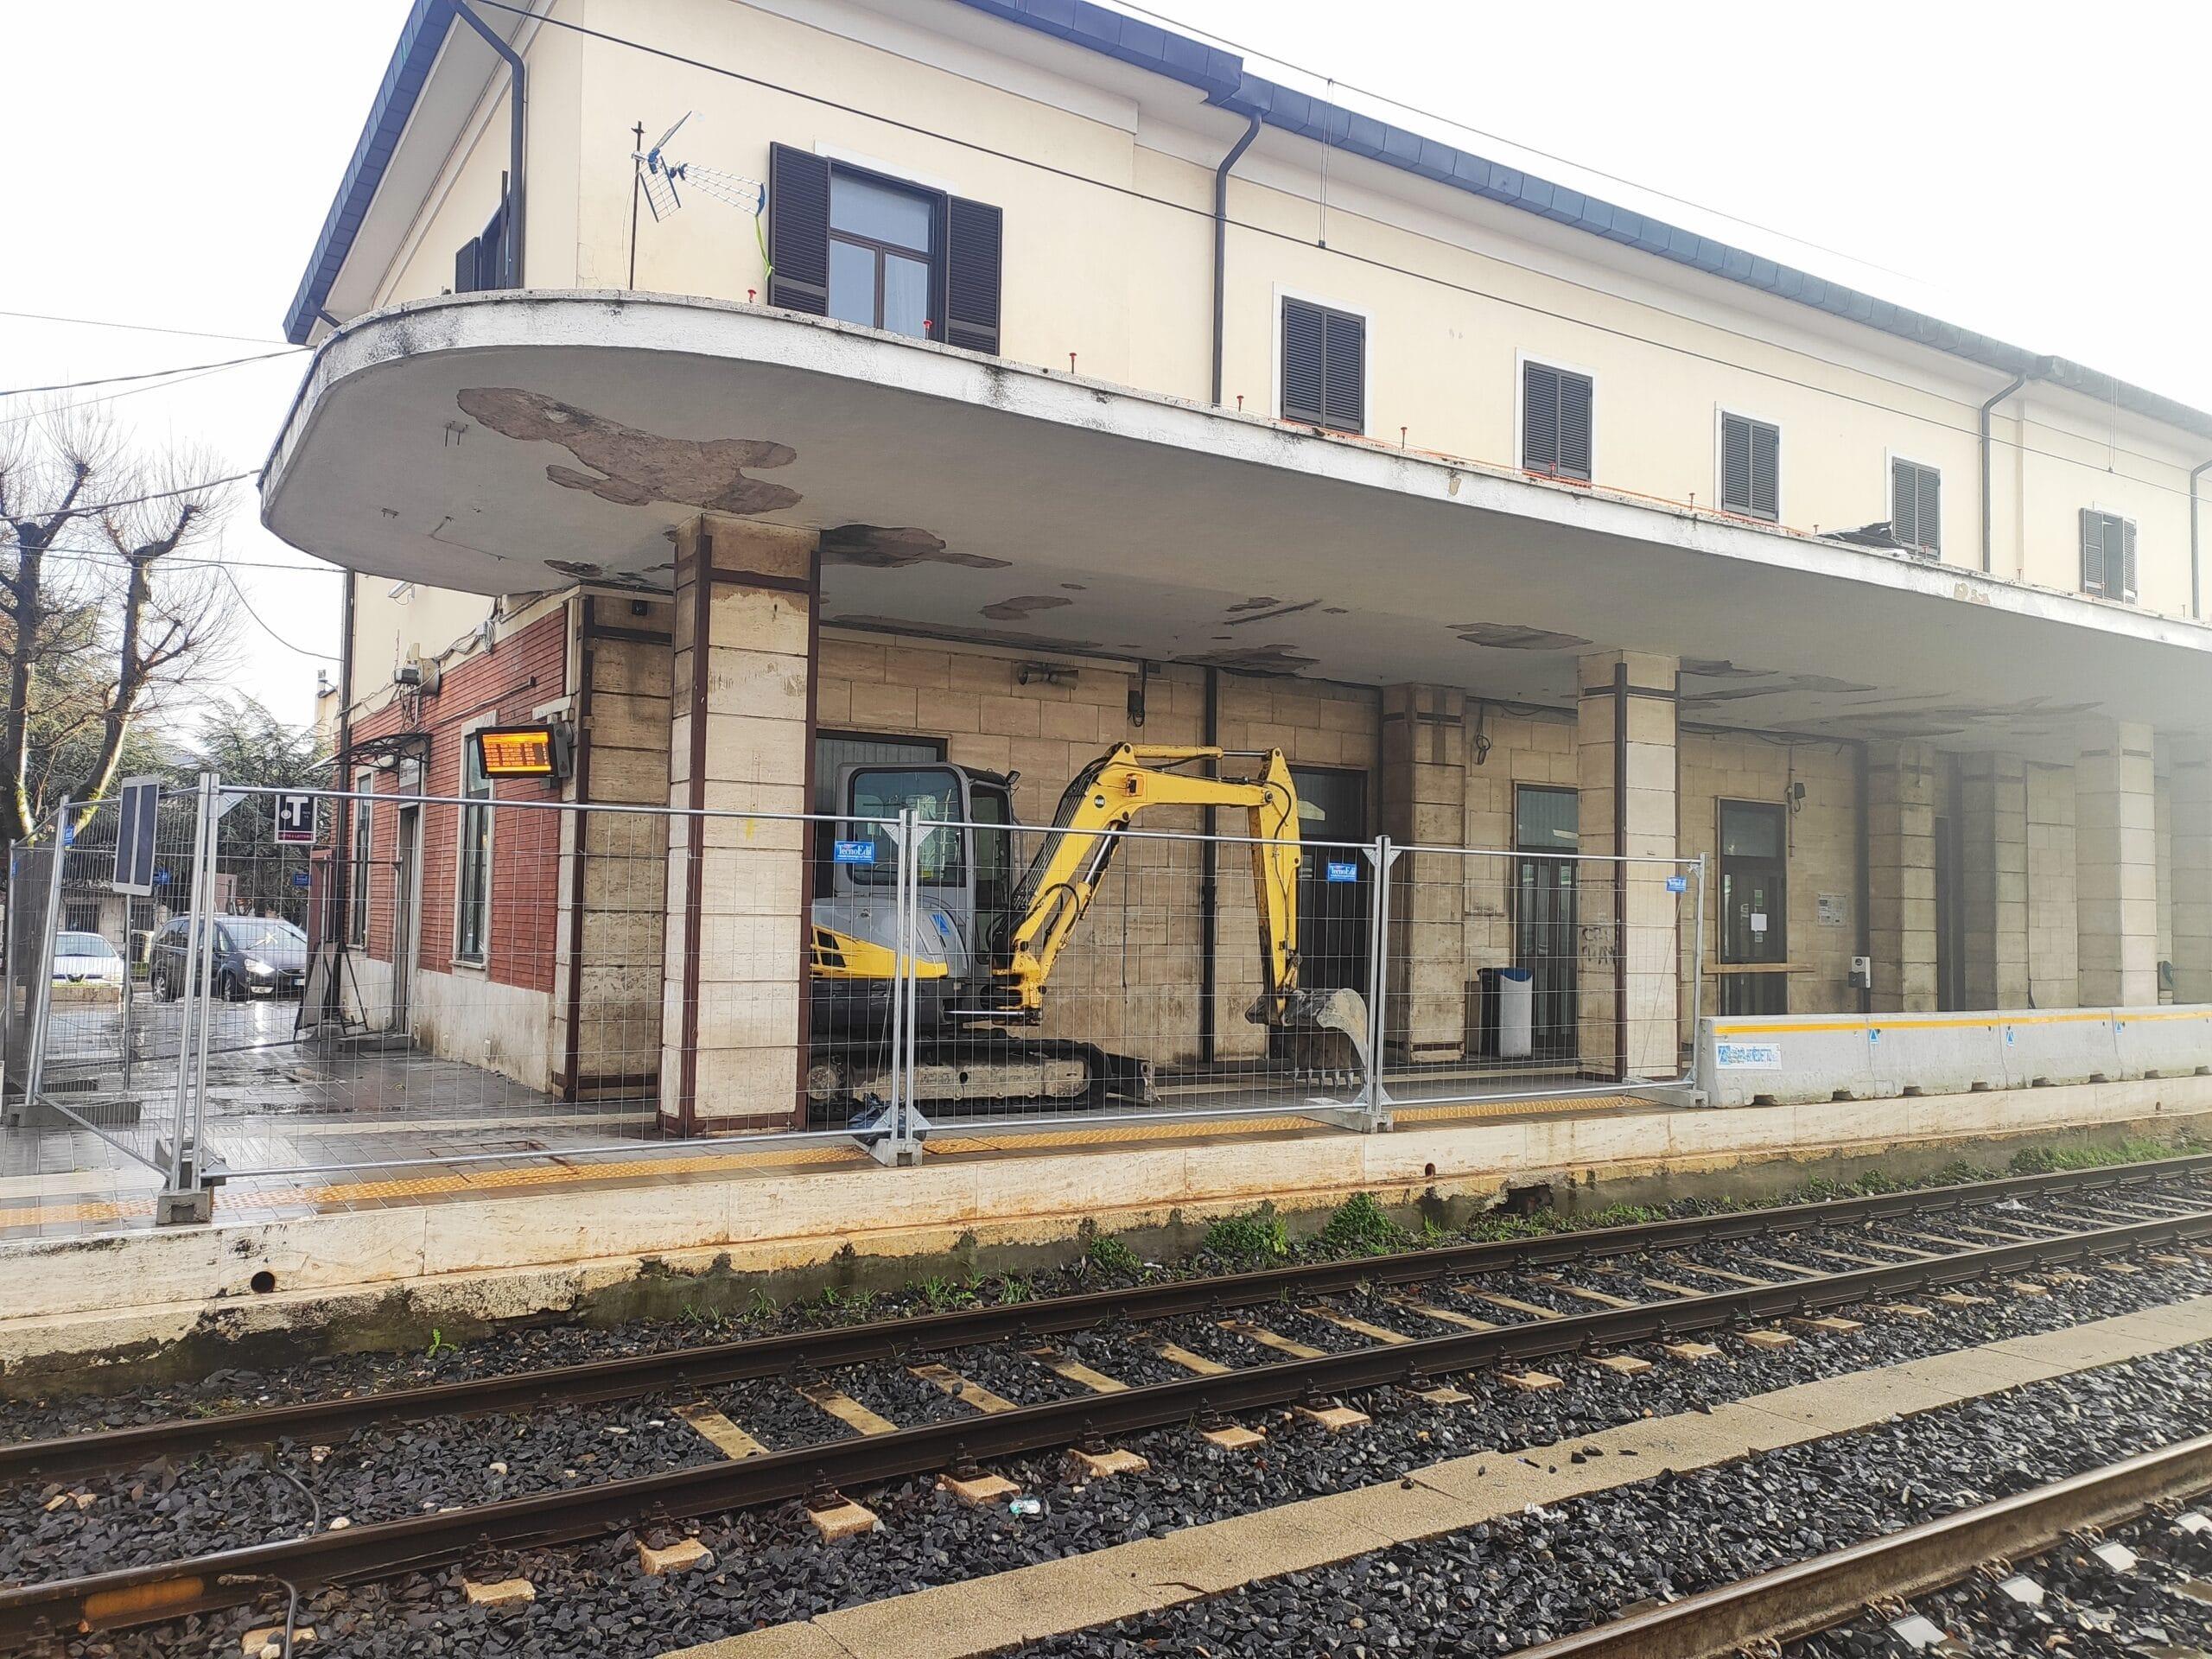 Lavori in corso alla stazione di Avezzano, verrà adeguata ai nuovi standard europei